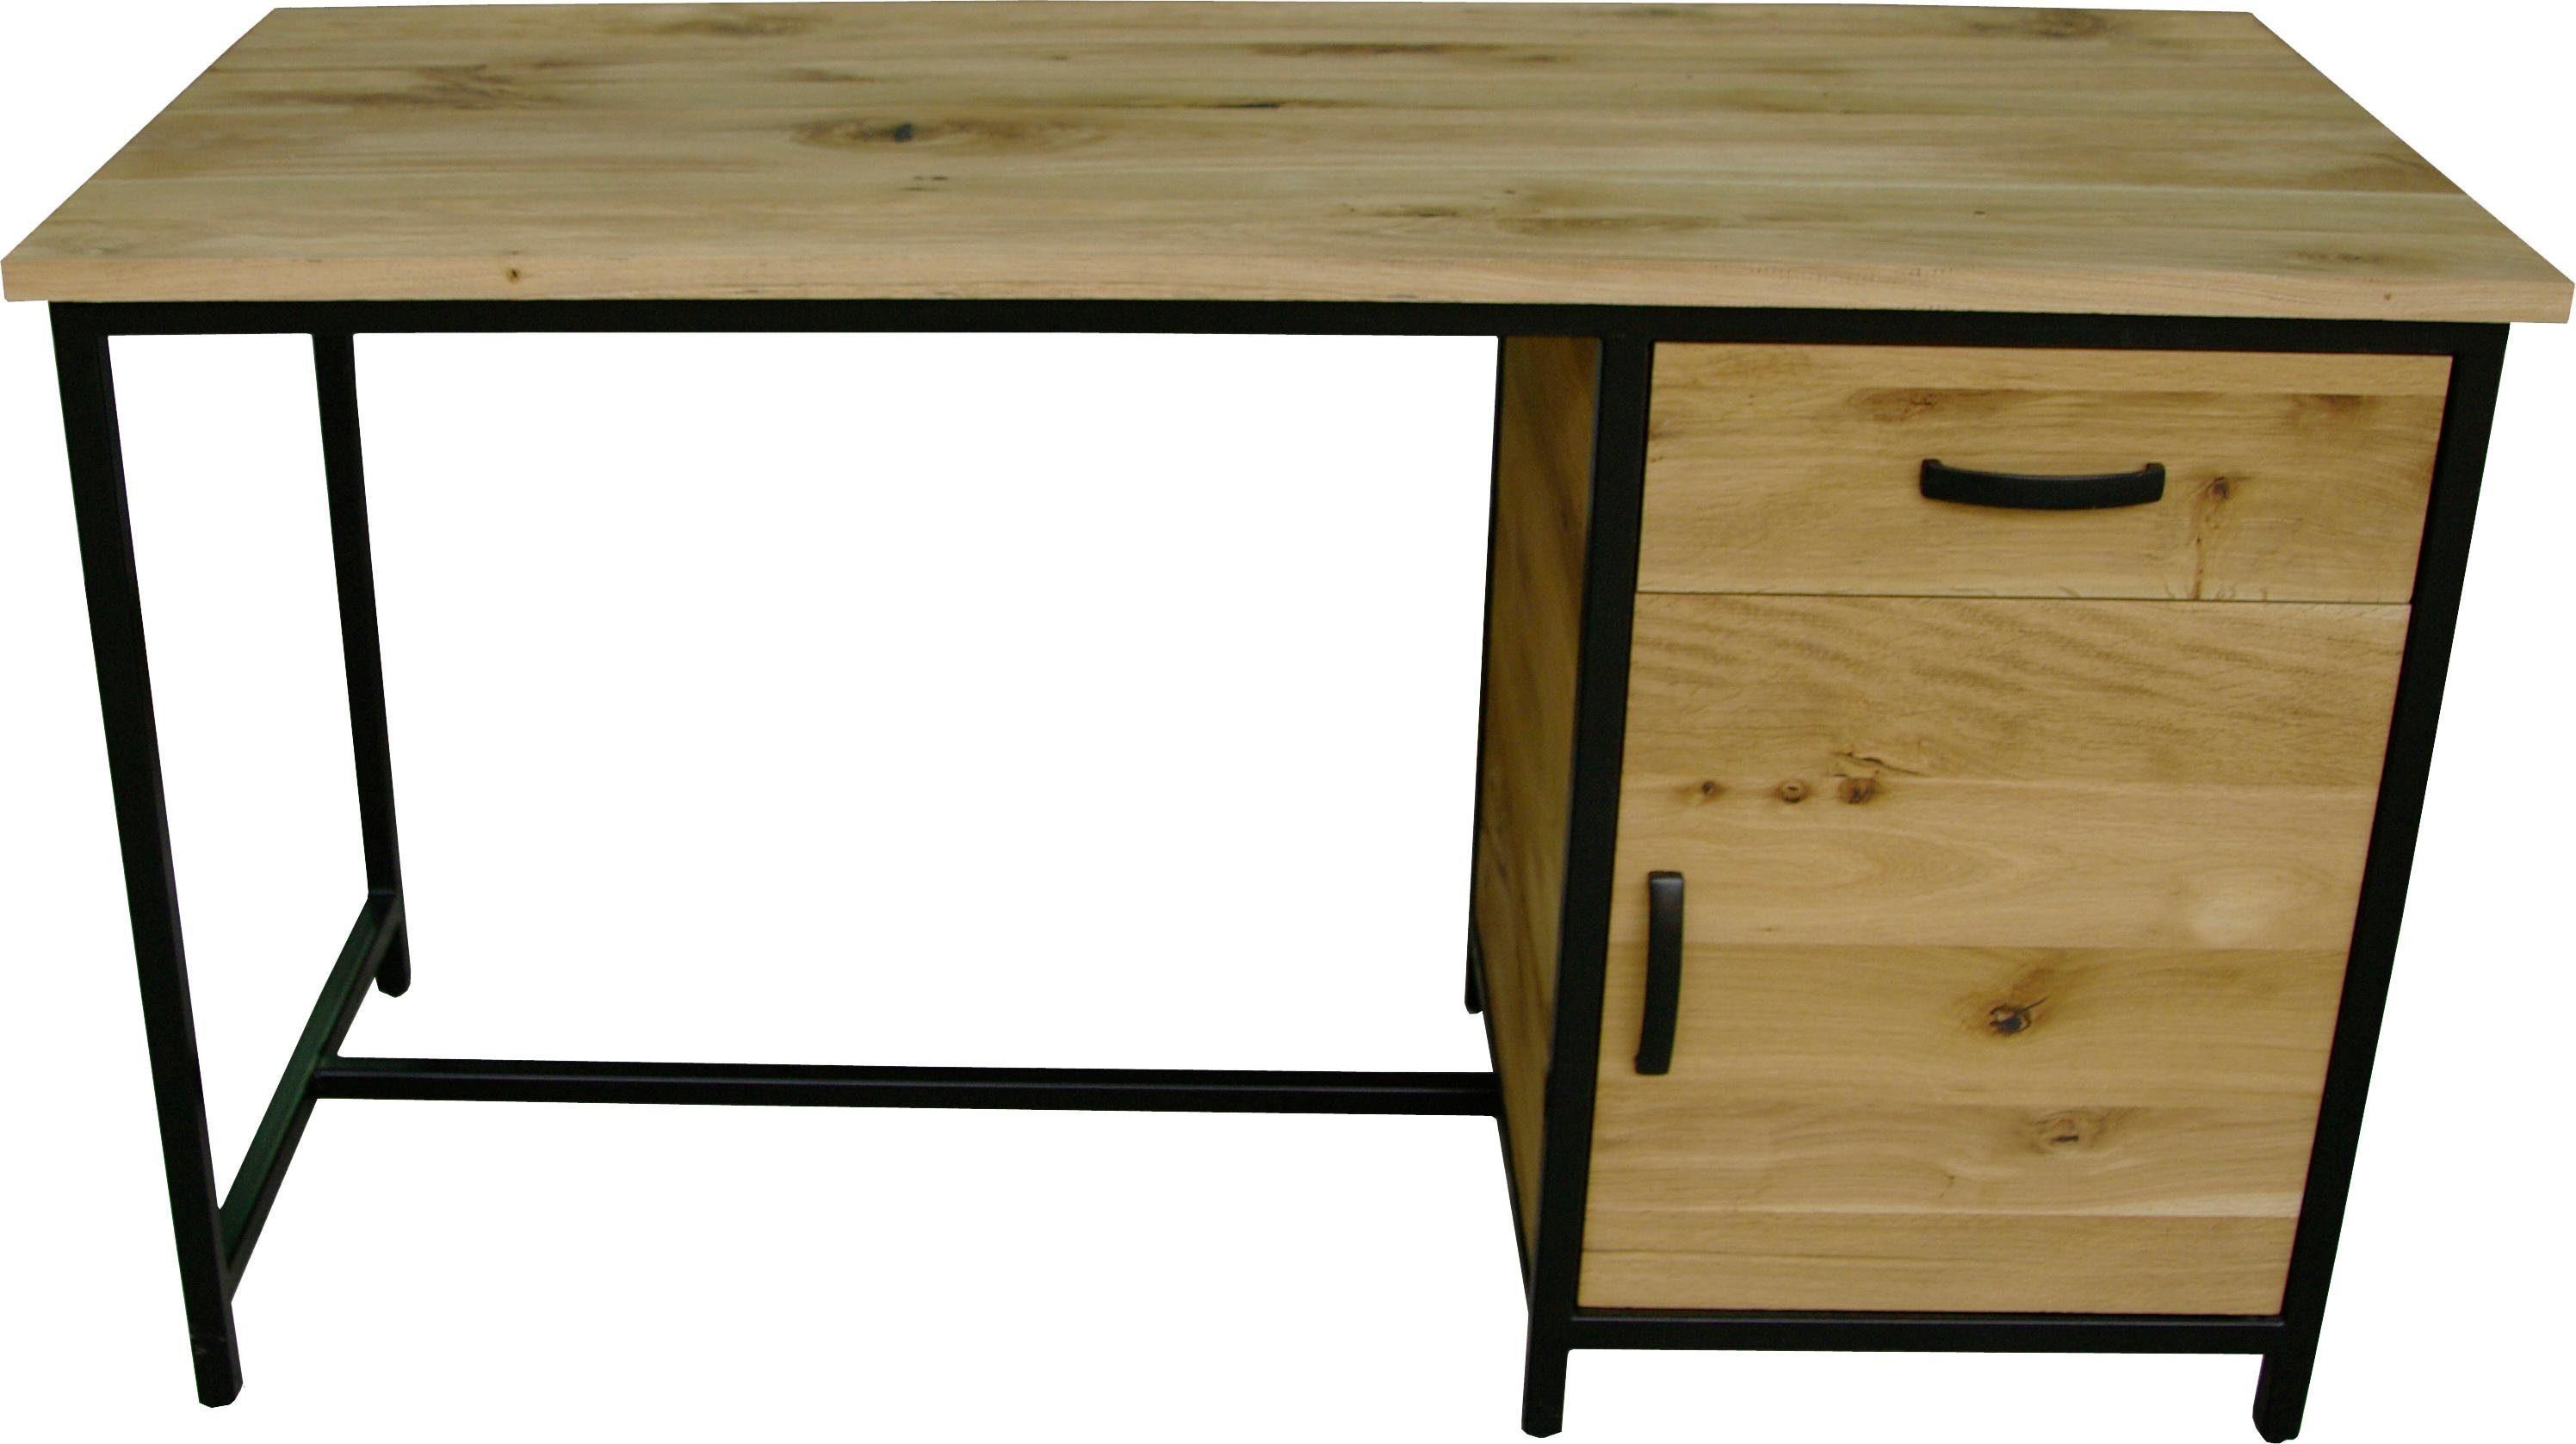 Premium Collection by Home affaire Schreibtisch »Sphinx« in industriellem Design aus Massivholz, Breite 140 cm